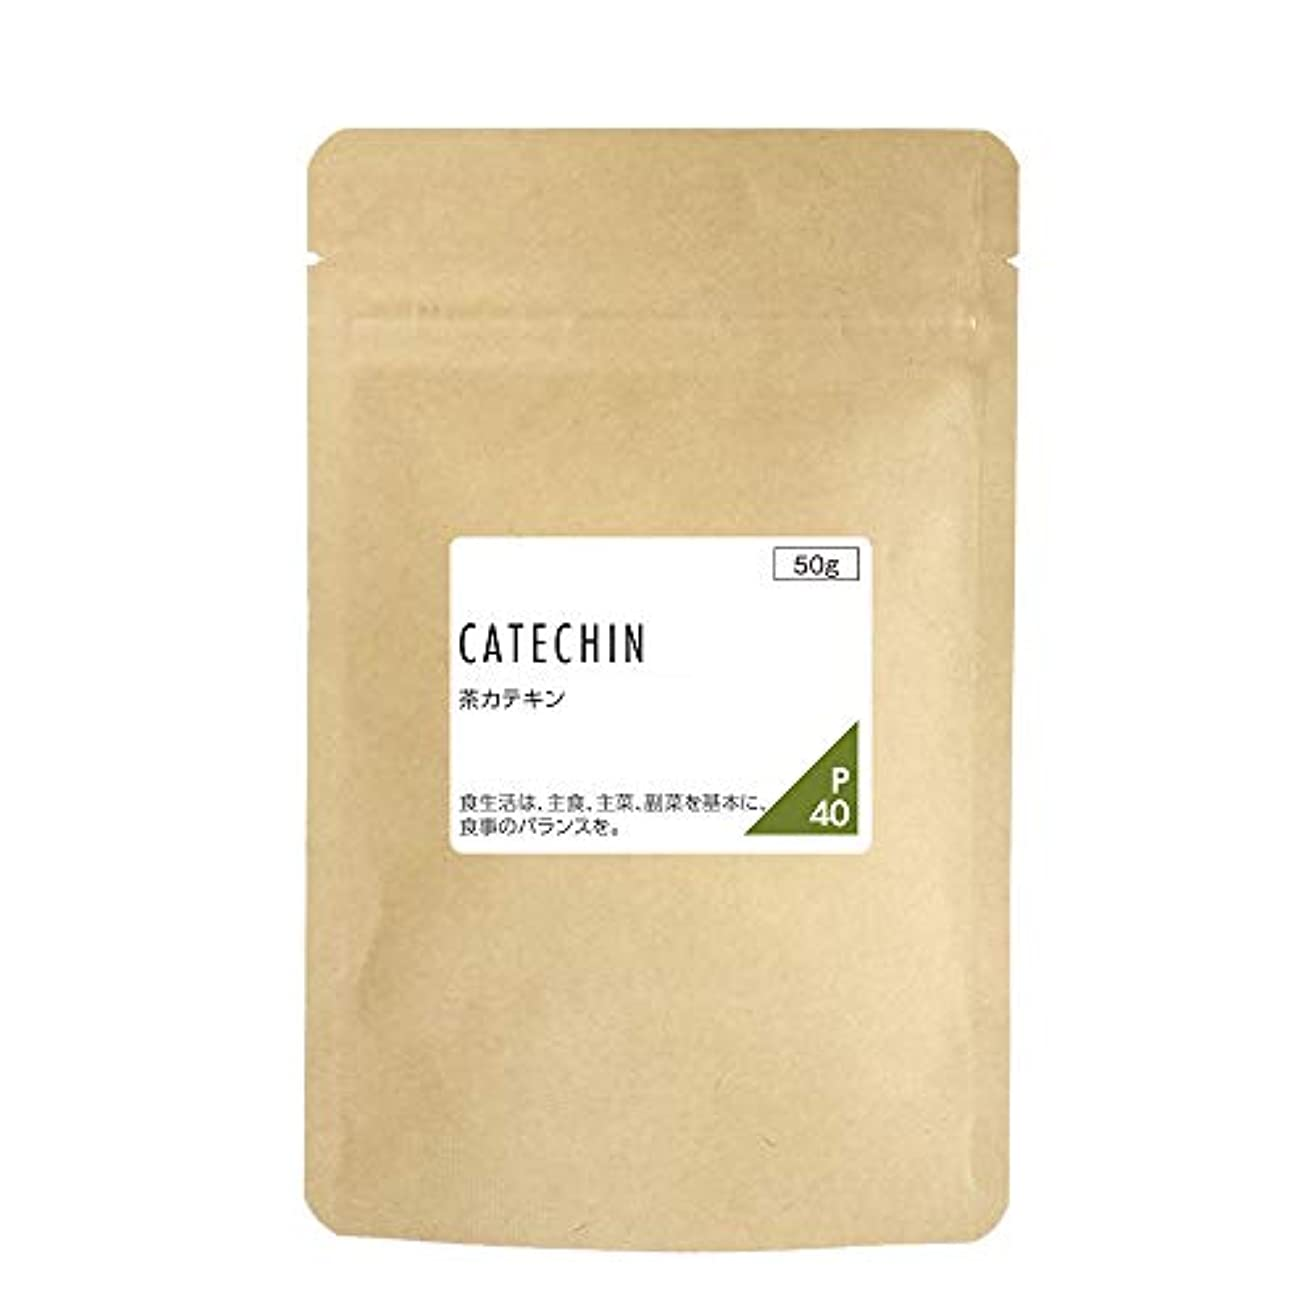 アセターゲット勘違いするnichie 茶カテキン 100% 粉末 50g